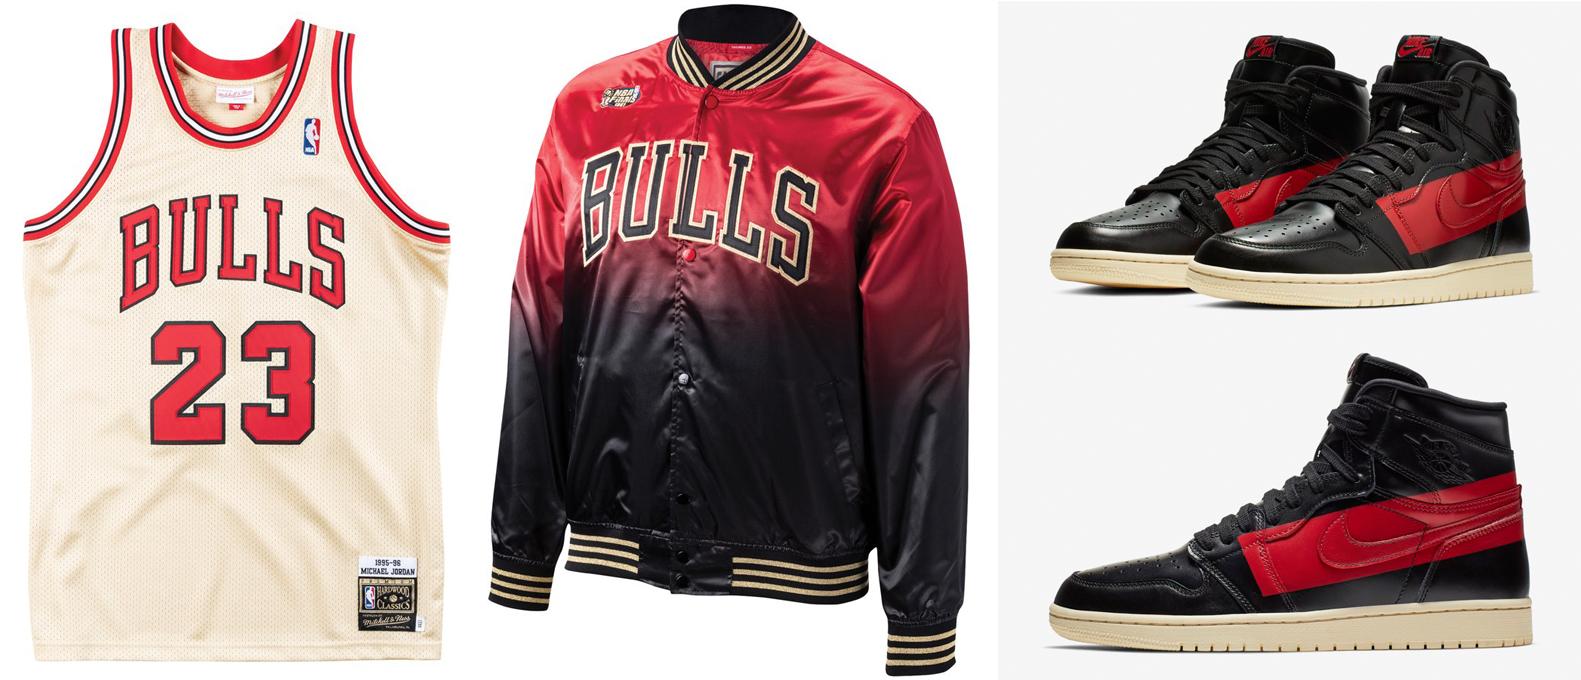 another chance authorized site unique design Air Jordan 1 Defiant Couture Clothing | SneakerFits.com